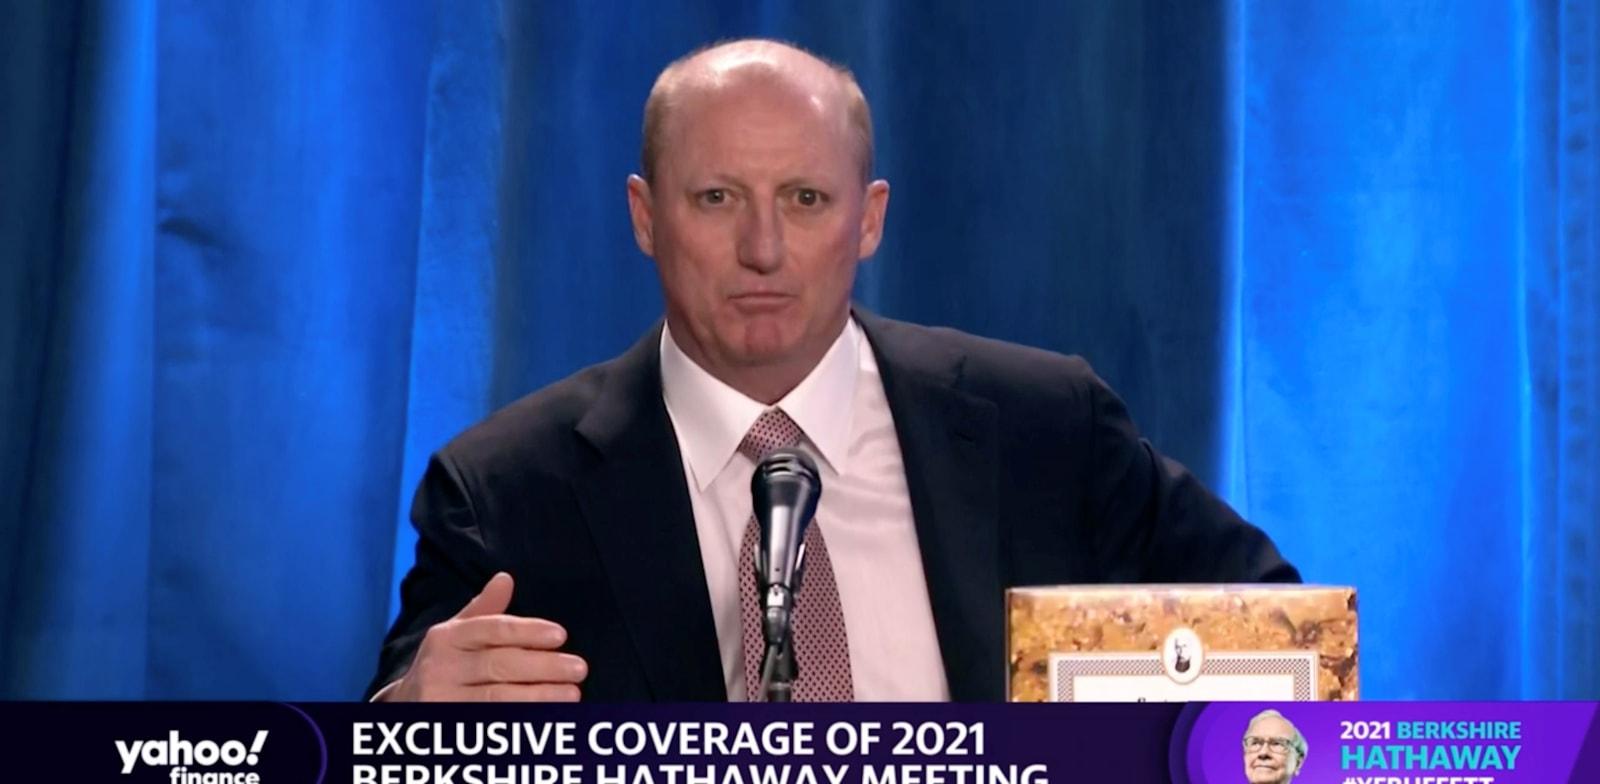 גרג אייבל / צילום: Reuters, מתוך השידור החי של הפגישה השנתית של ברקשייר הת'אוויי